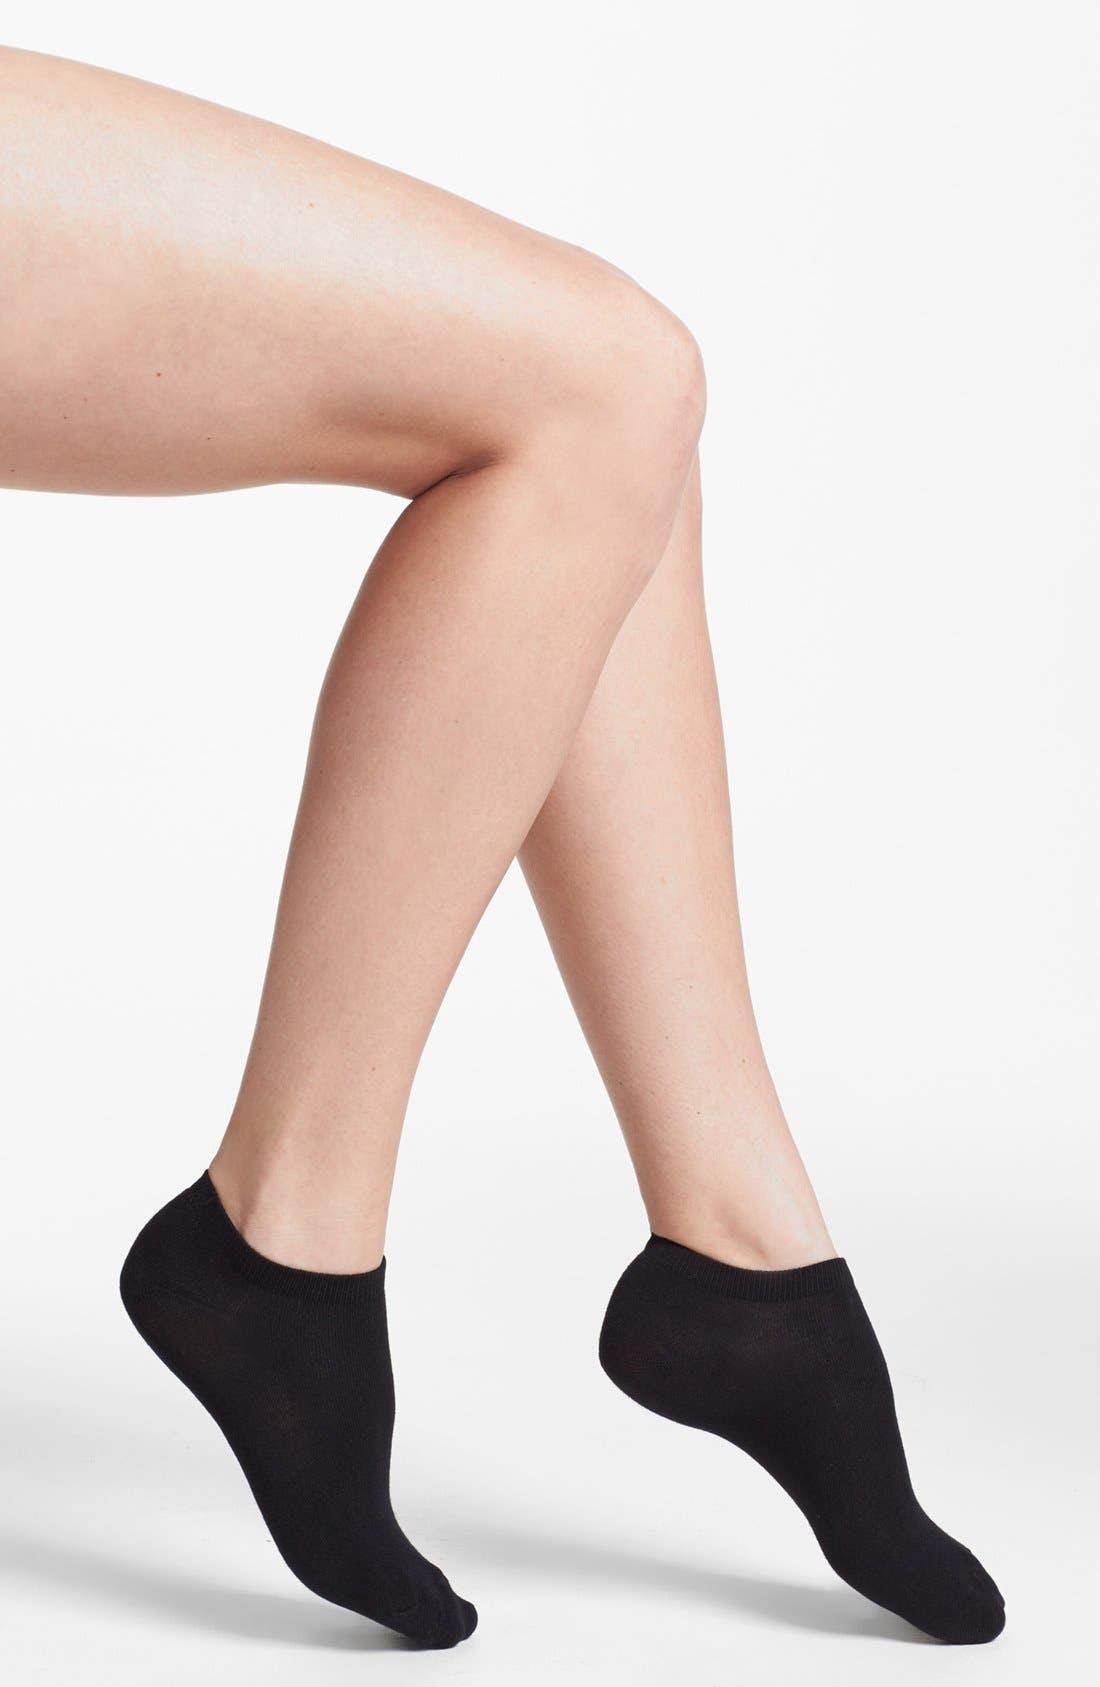 Alternate Image 2  - Nordstrom 'Best Bootie' Low Cut Socks (3-Pack)